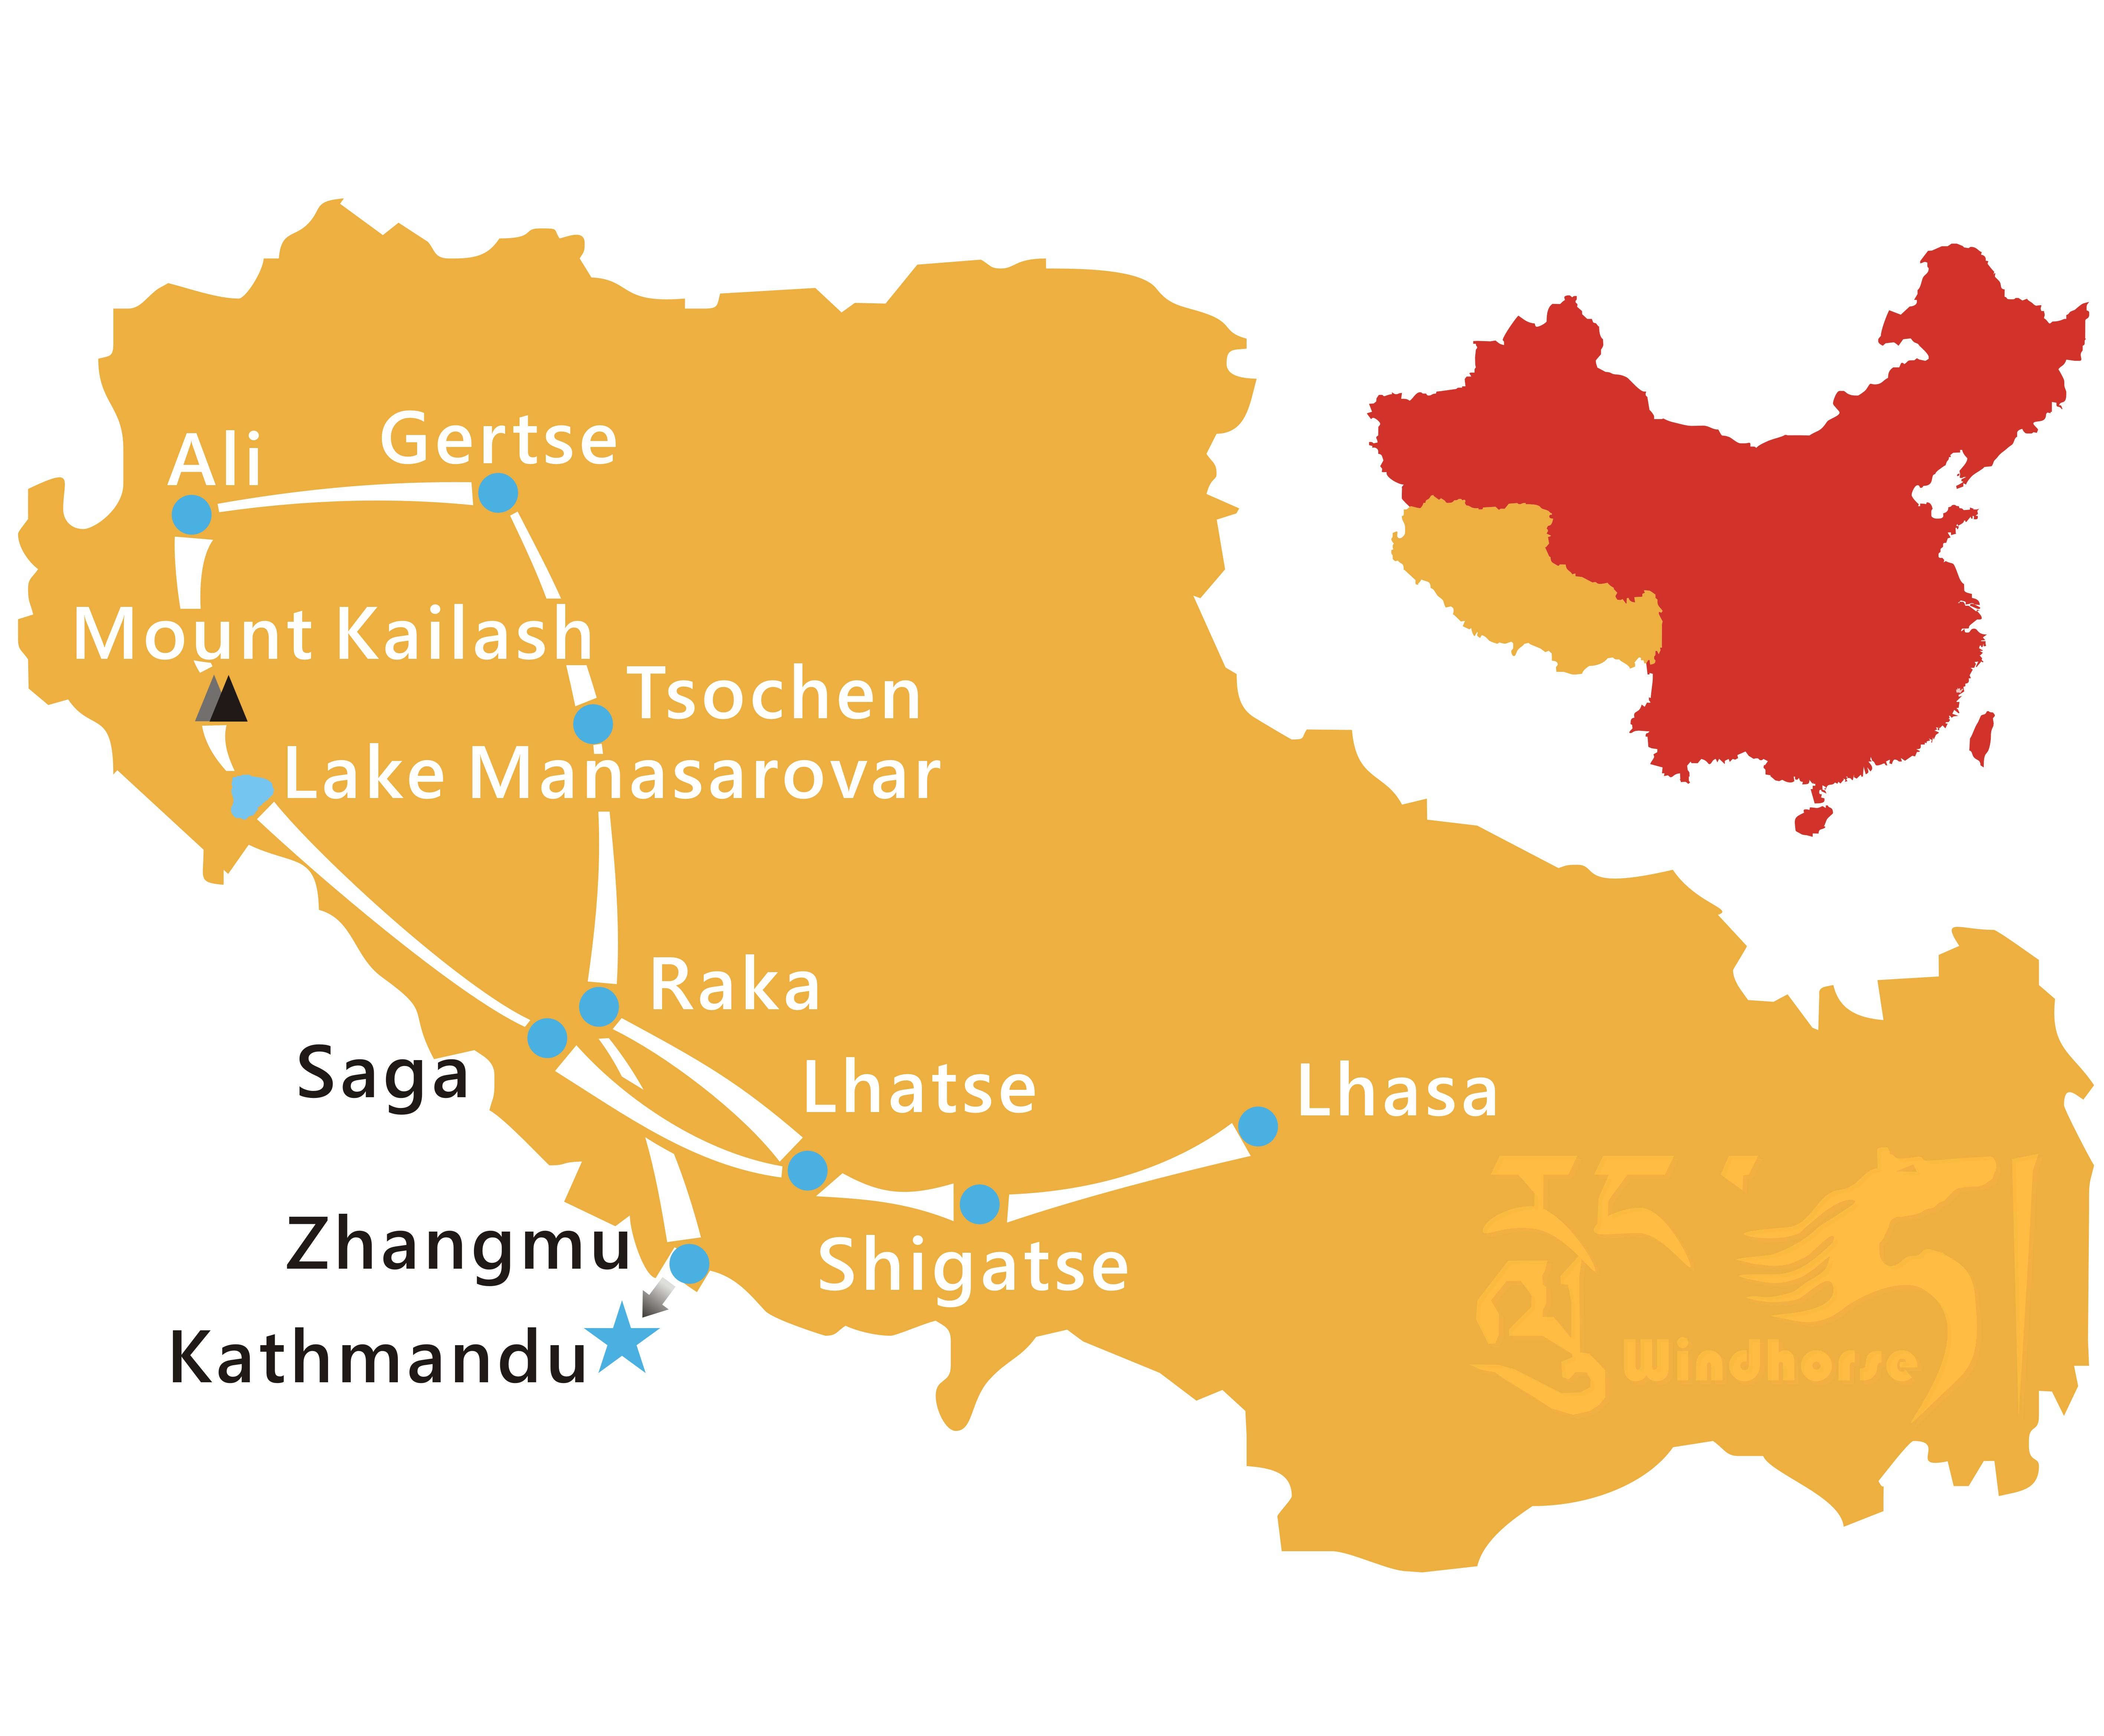 Holy Mountain Kailash Tour Route